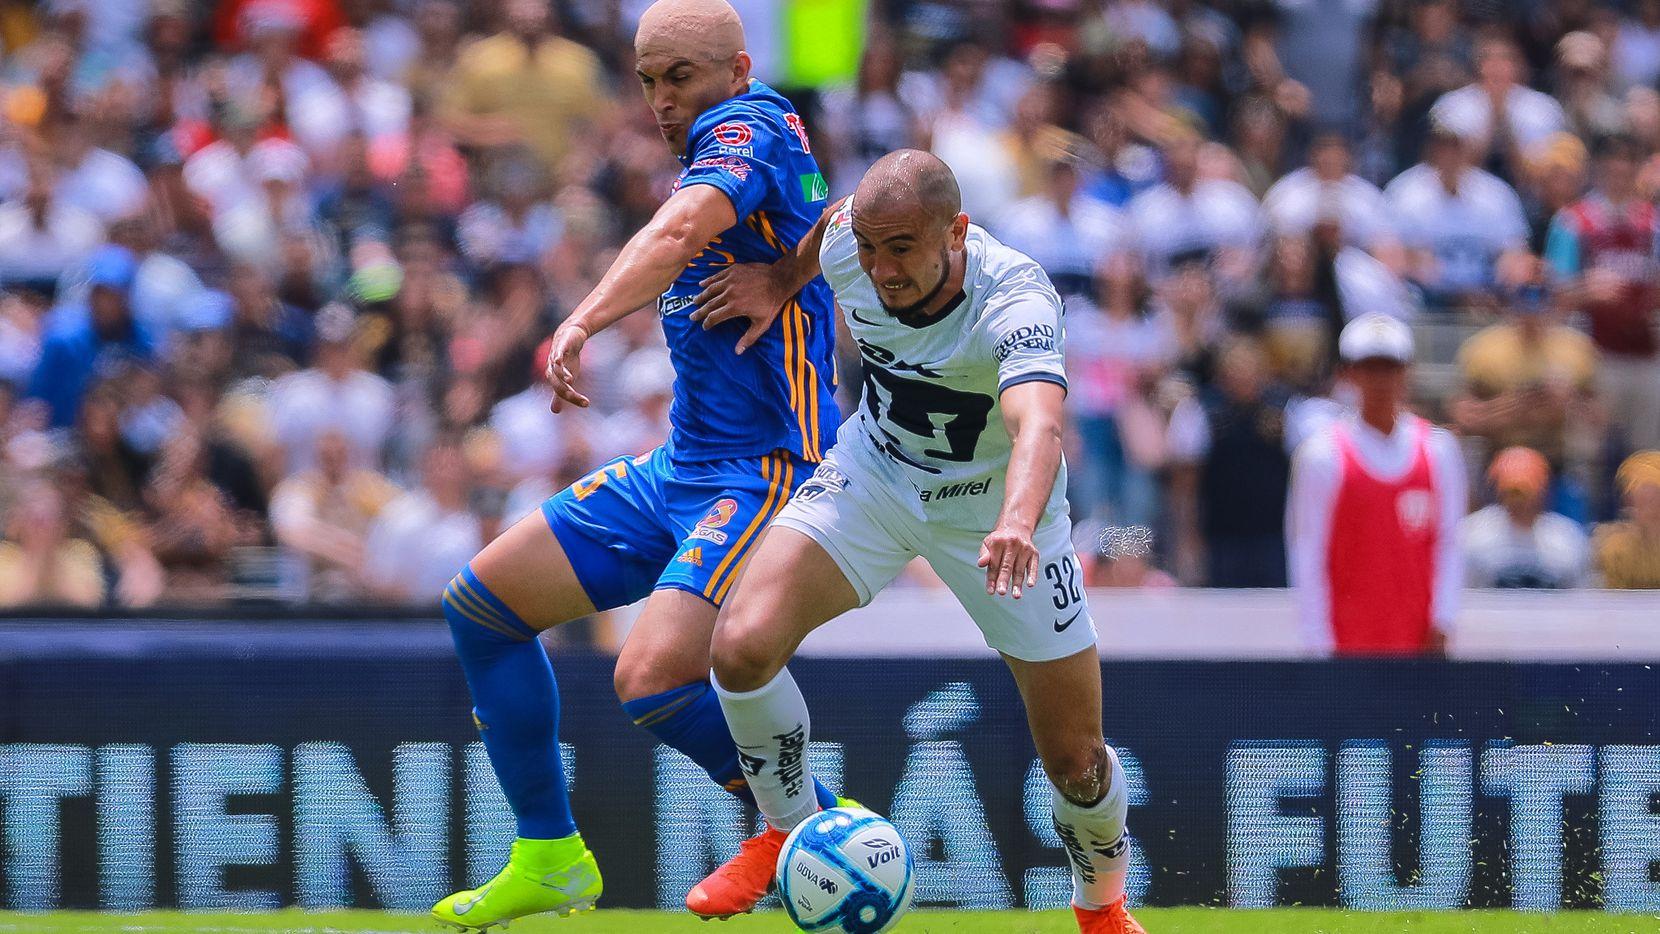 Tigres recibe a Pumas de la UNAM en lo que  se espera sea el partido más intenso de la jornada en la Liga MX.